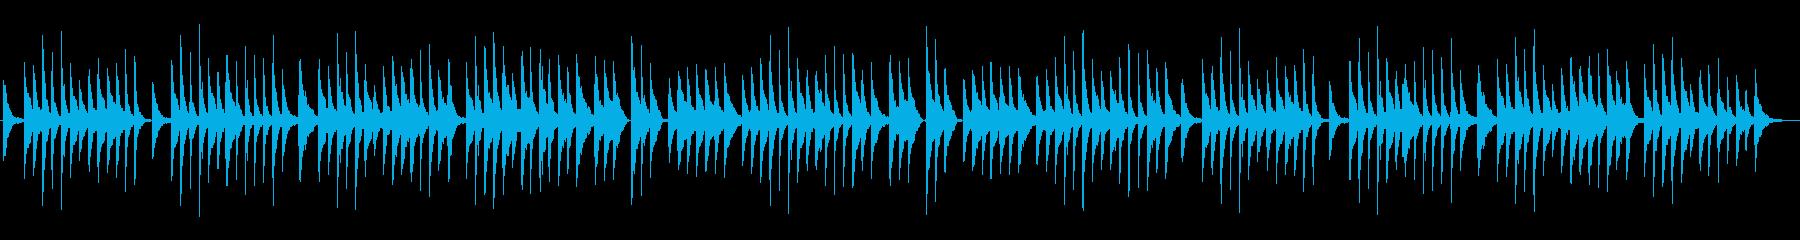 ゆったりとした筝のソロの再生済みの波形